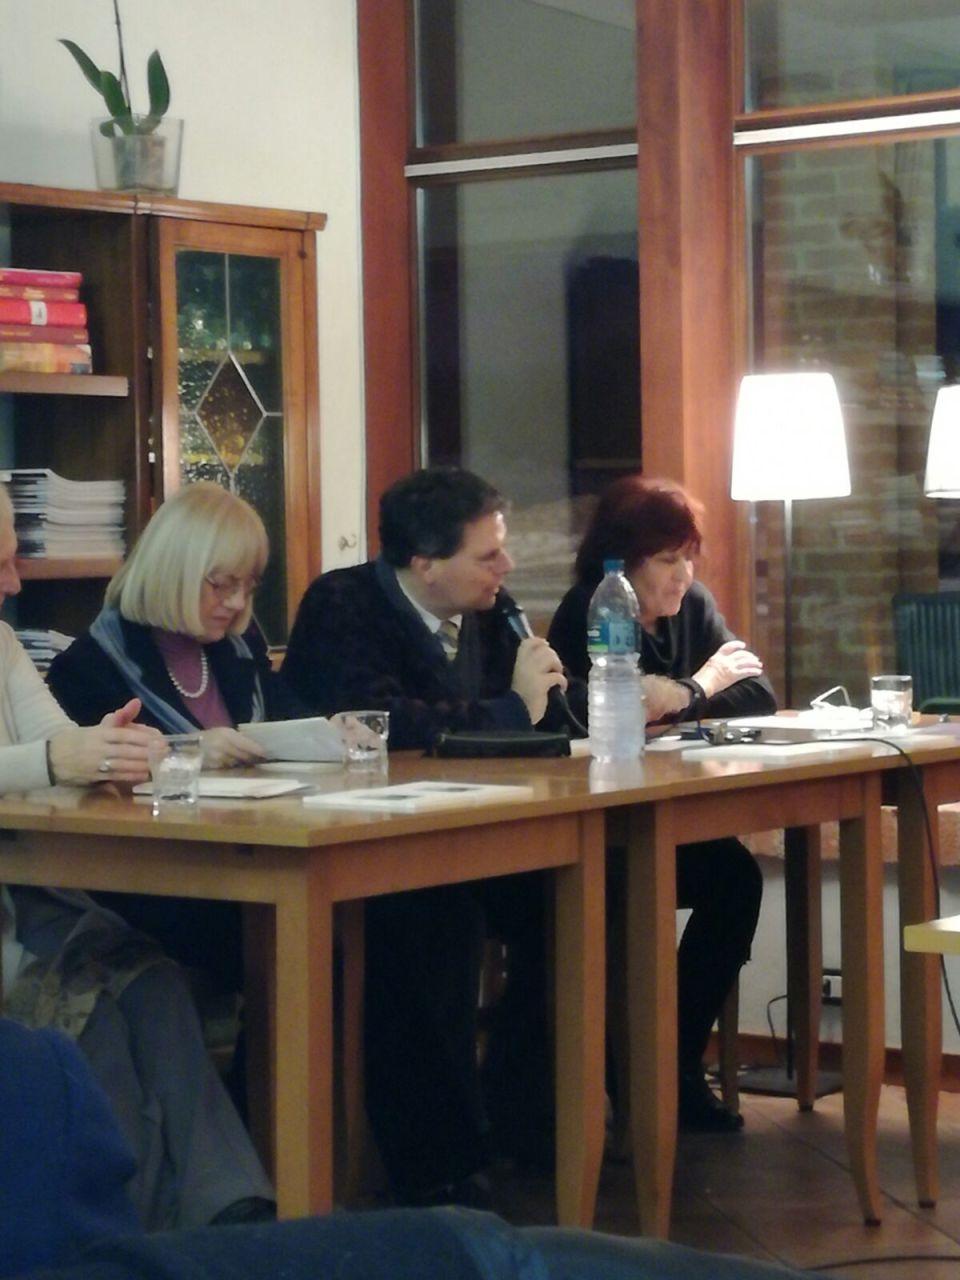 seconda-foto-eidola-vicoforte-03-02-17